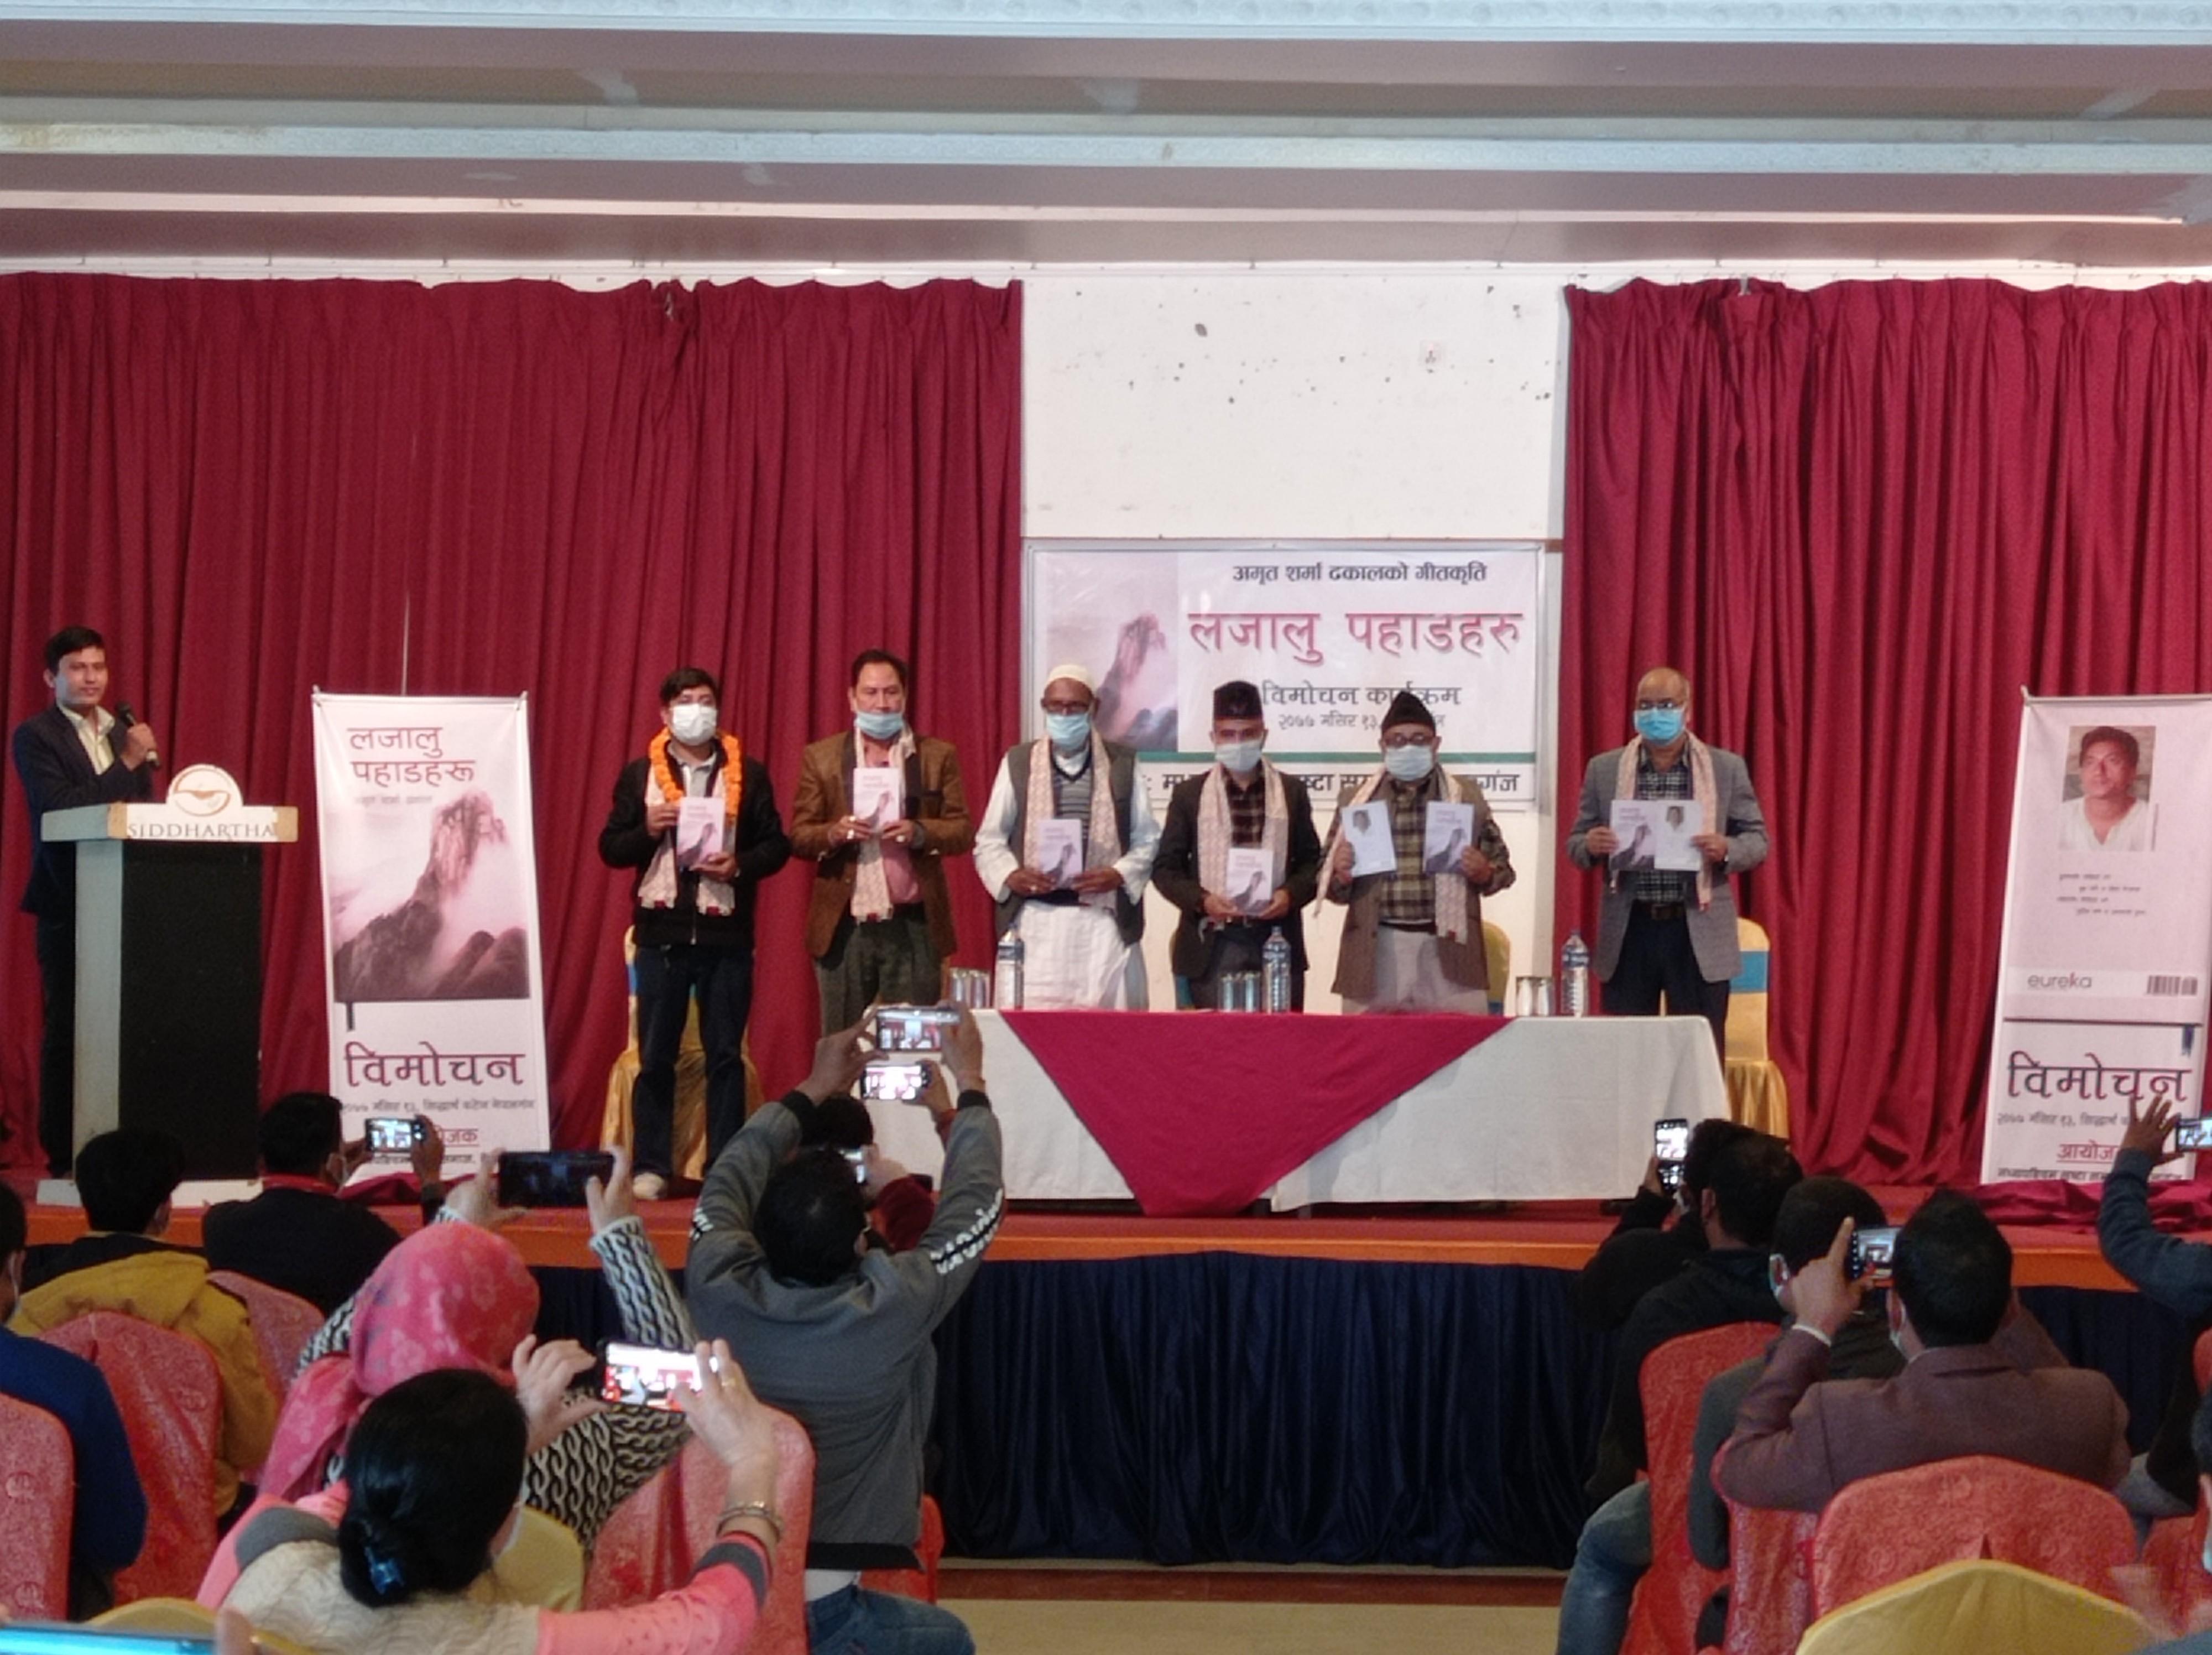 अमृत शर्मा ढकालको गीत कृति 'लजालु पहाडहरु' विमोचन